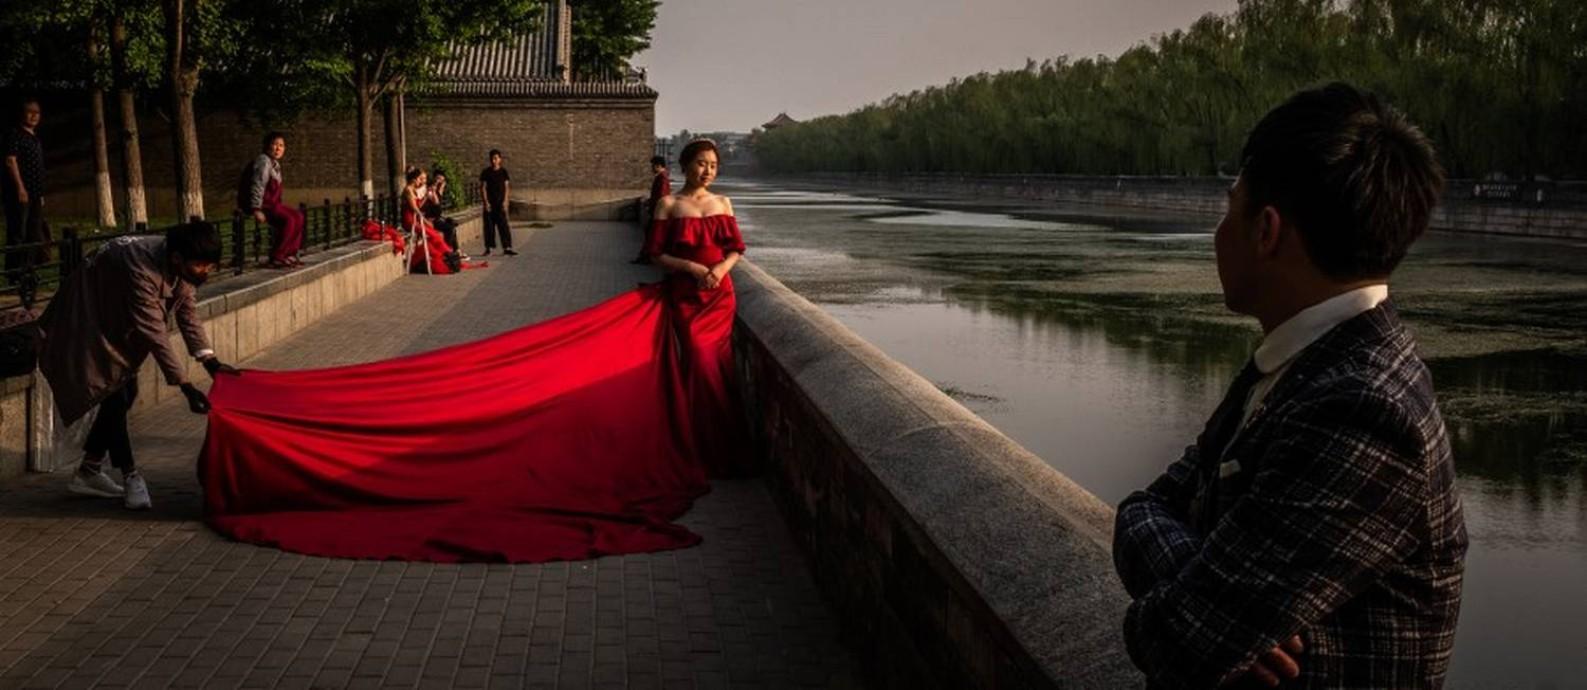 Uma noiva e um noivo posam para uma sessão de fotos nos arredores do parque Jingshan, em Pequim Foto: BRYAN DENTON / NYT